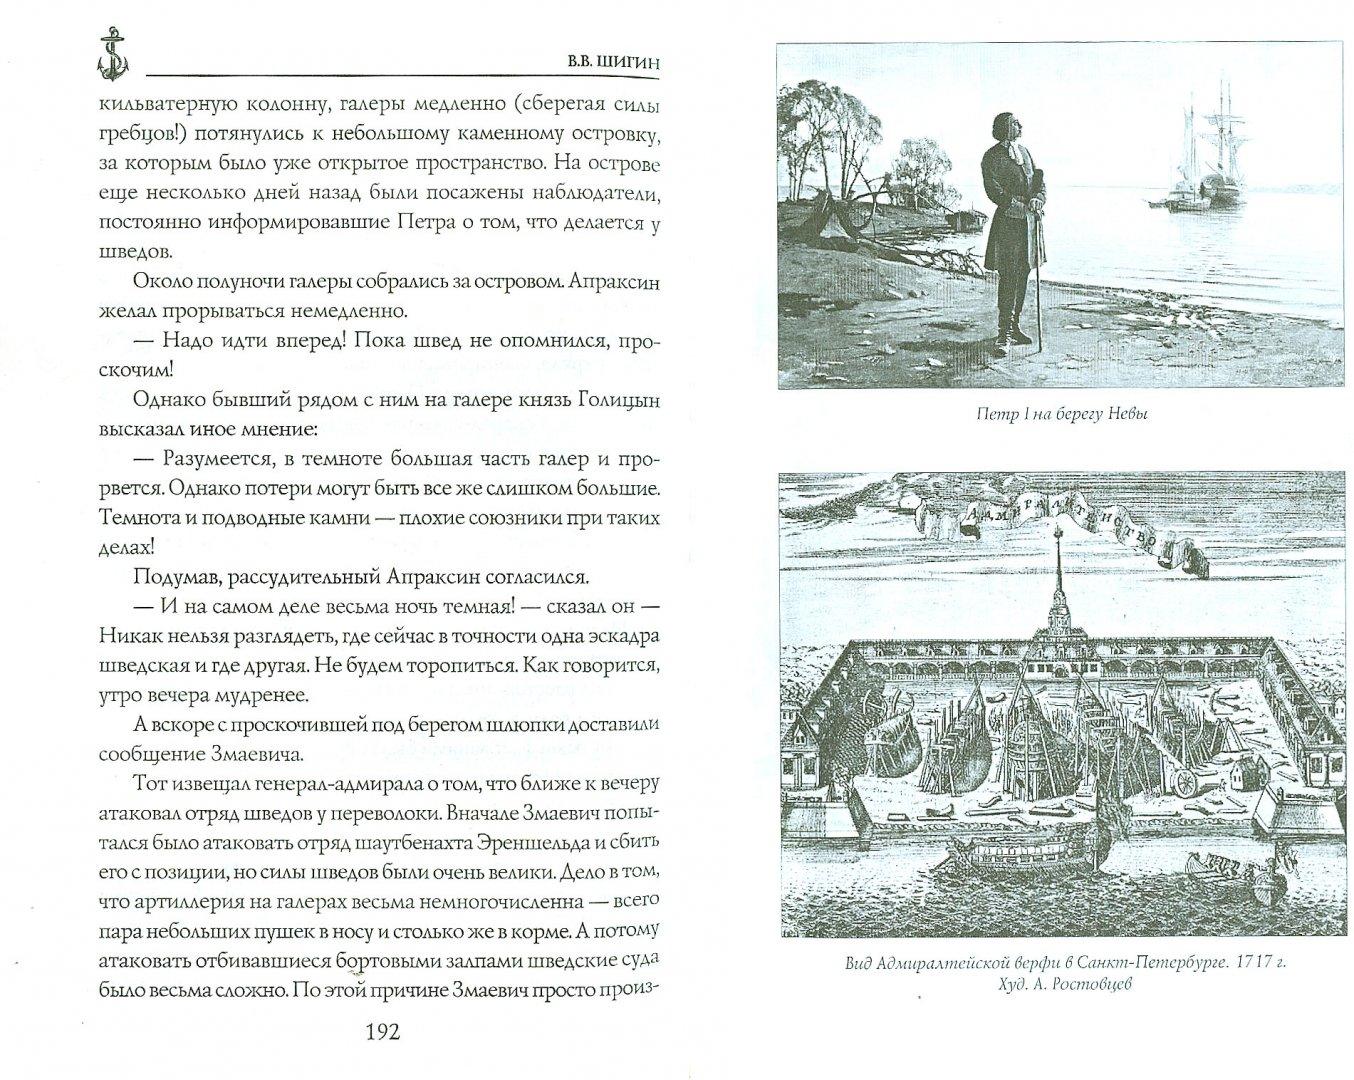 Иллюстрация 1 из 21 для Гангут. Первая победа российского флота - Владимир Шигин | Лабиринт - книги. Источник: Лабиринт